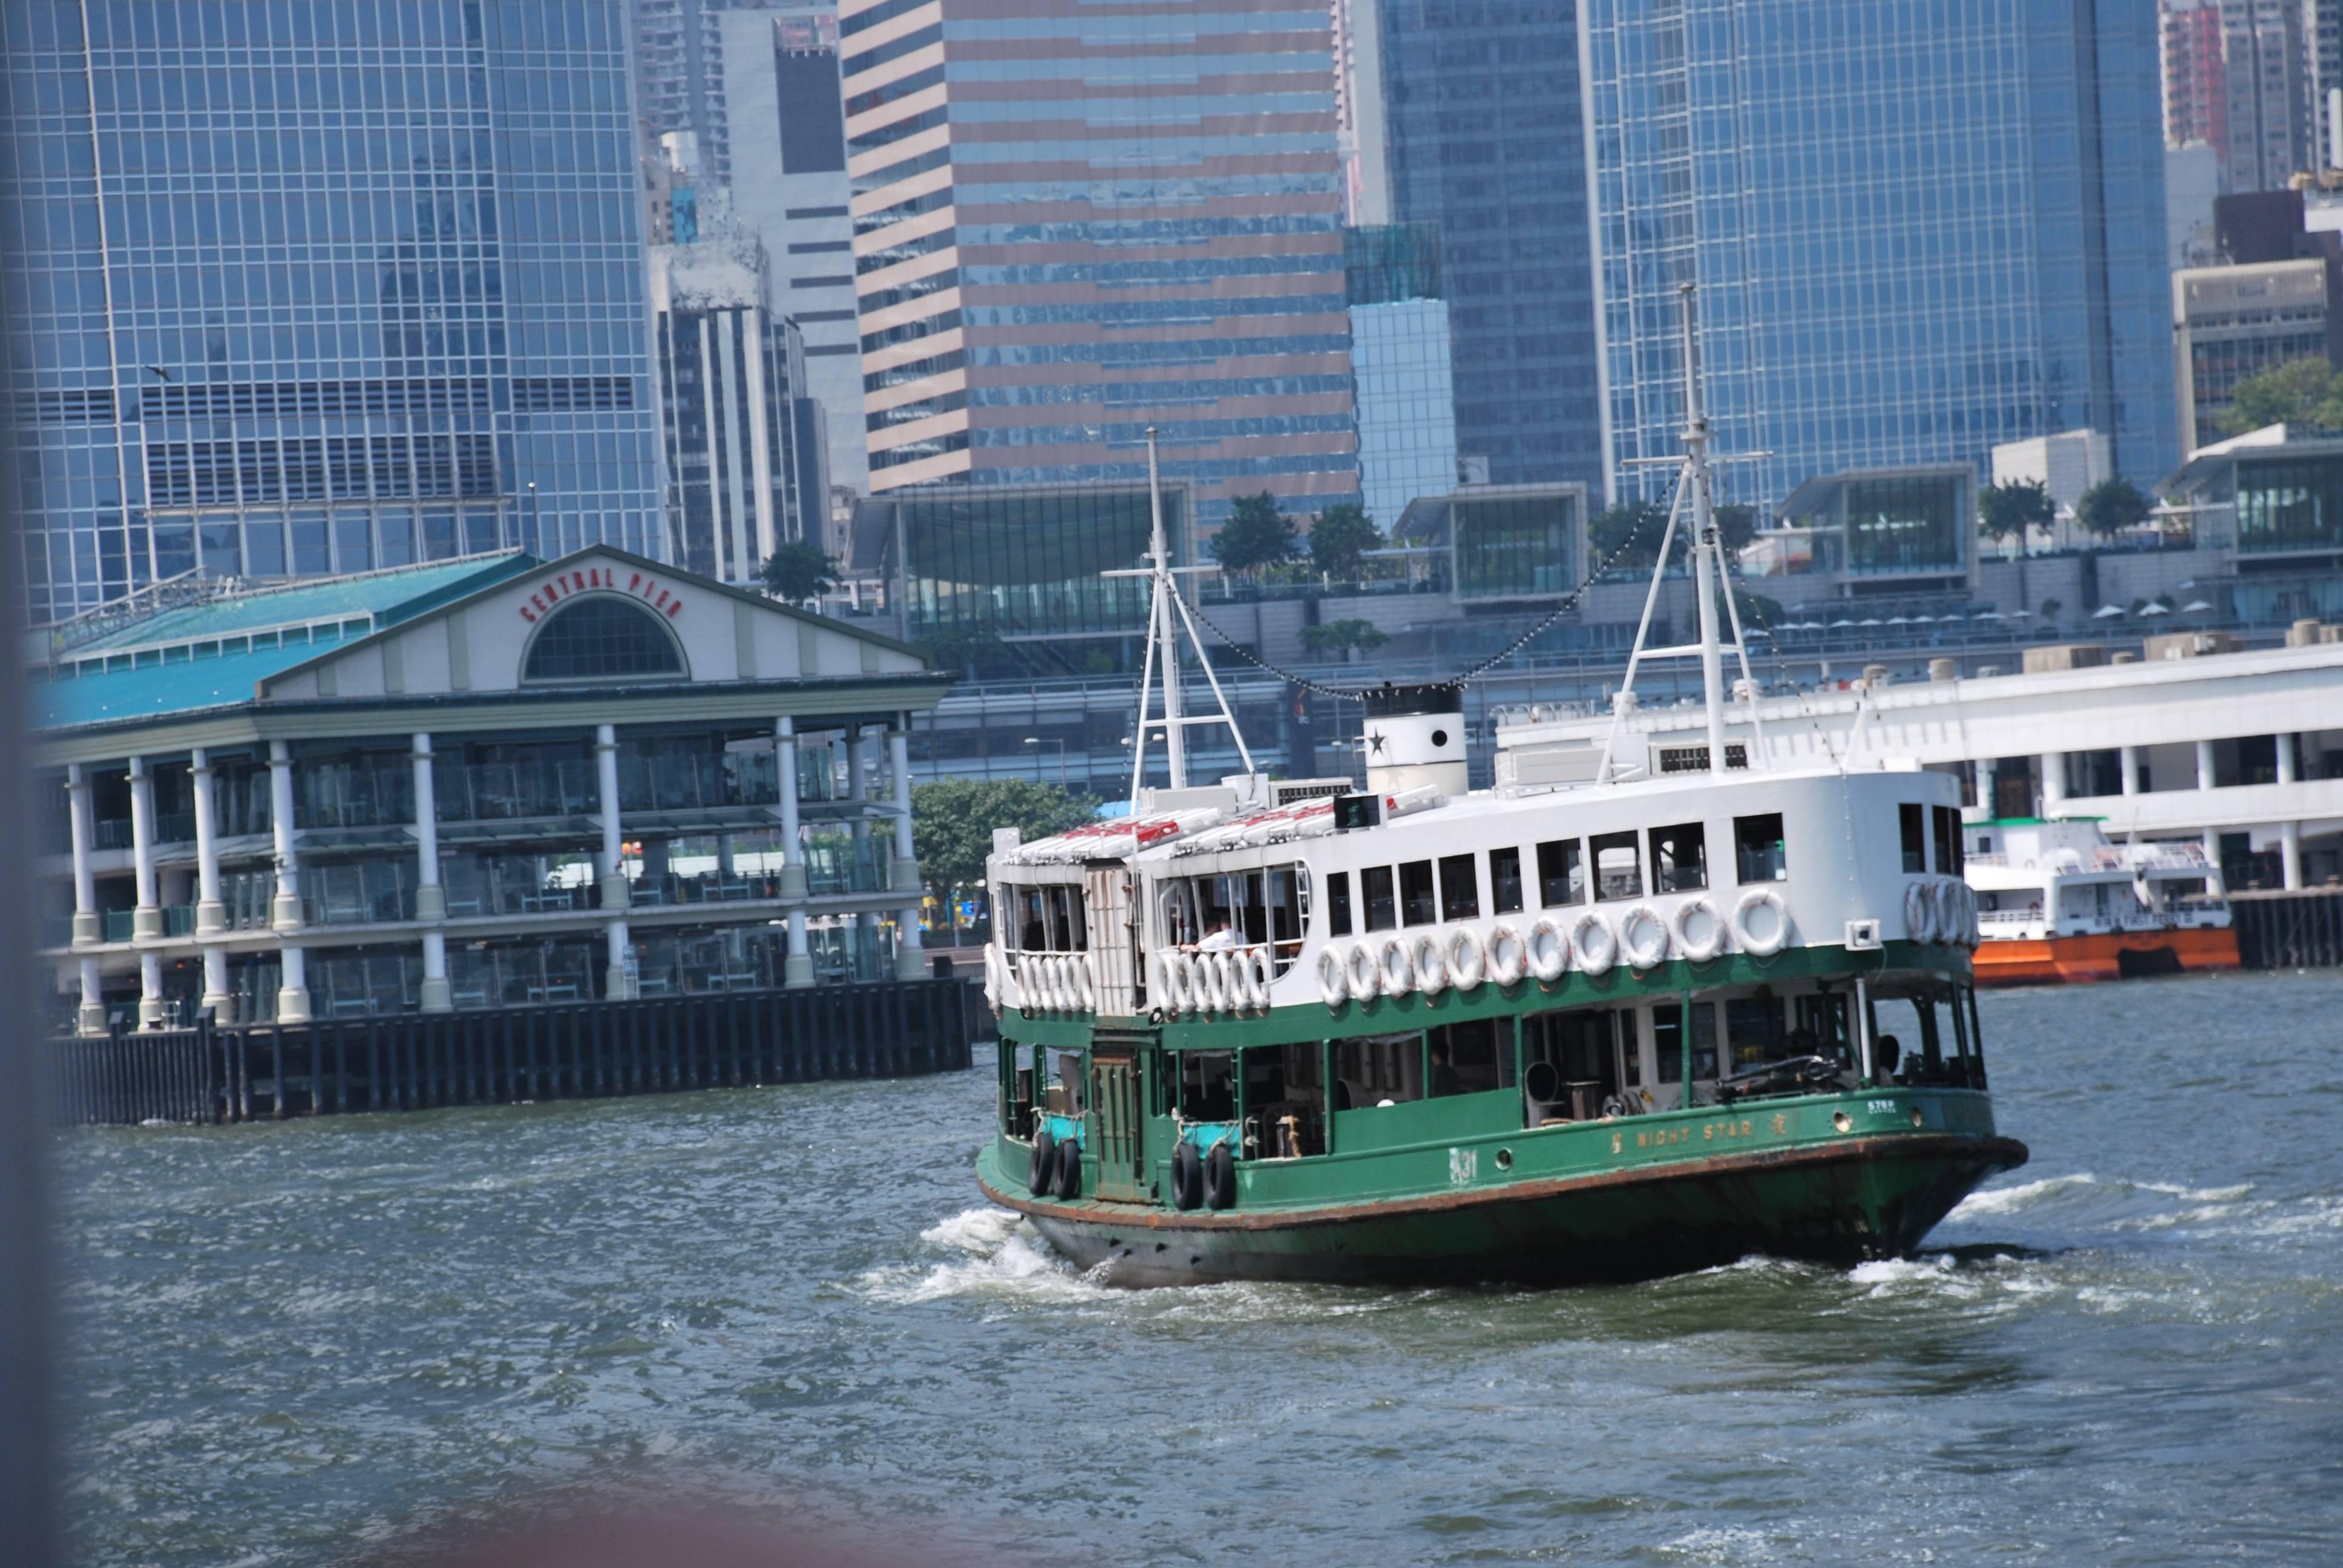 Photo 1: Traversée de la baie de Hong Kong en ferrie